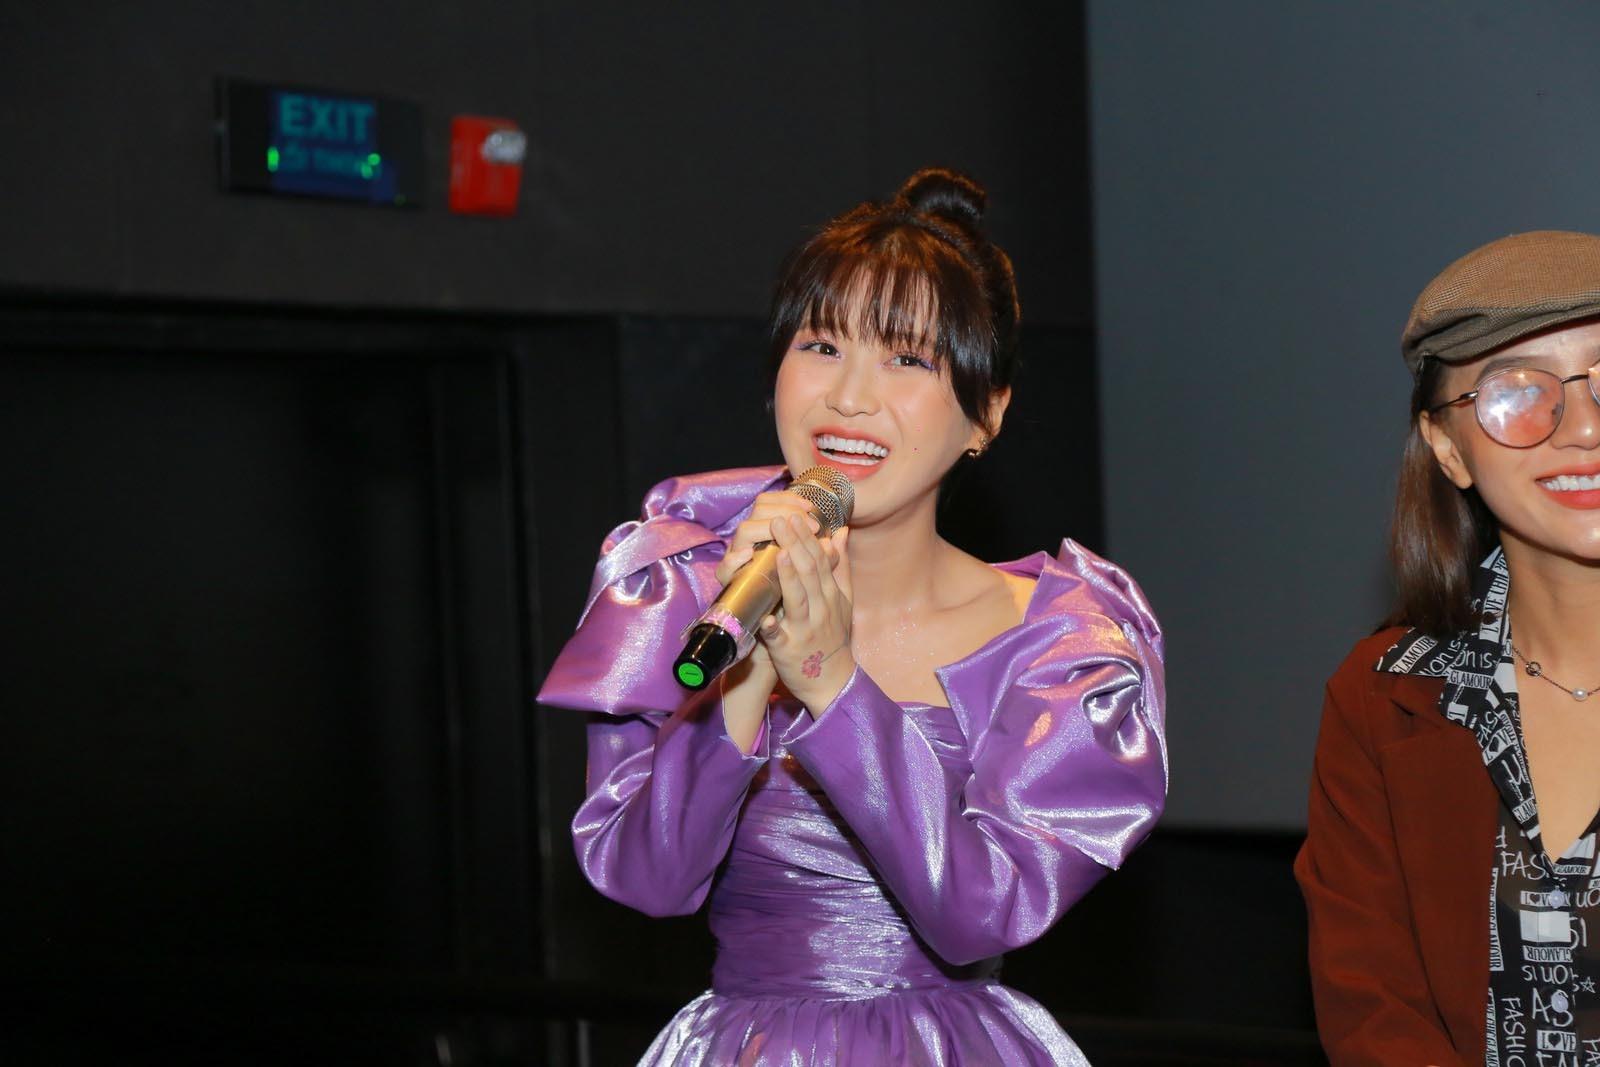 Yu Dương rợn tóc gáy khi đóng phim trong bệnh viện bỏ hoang